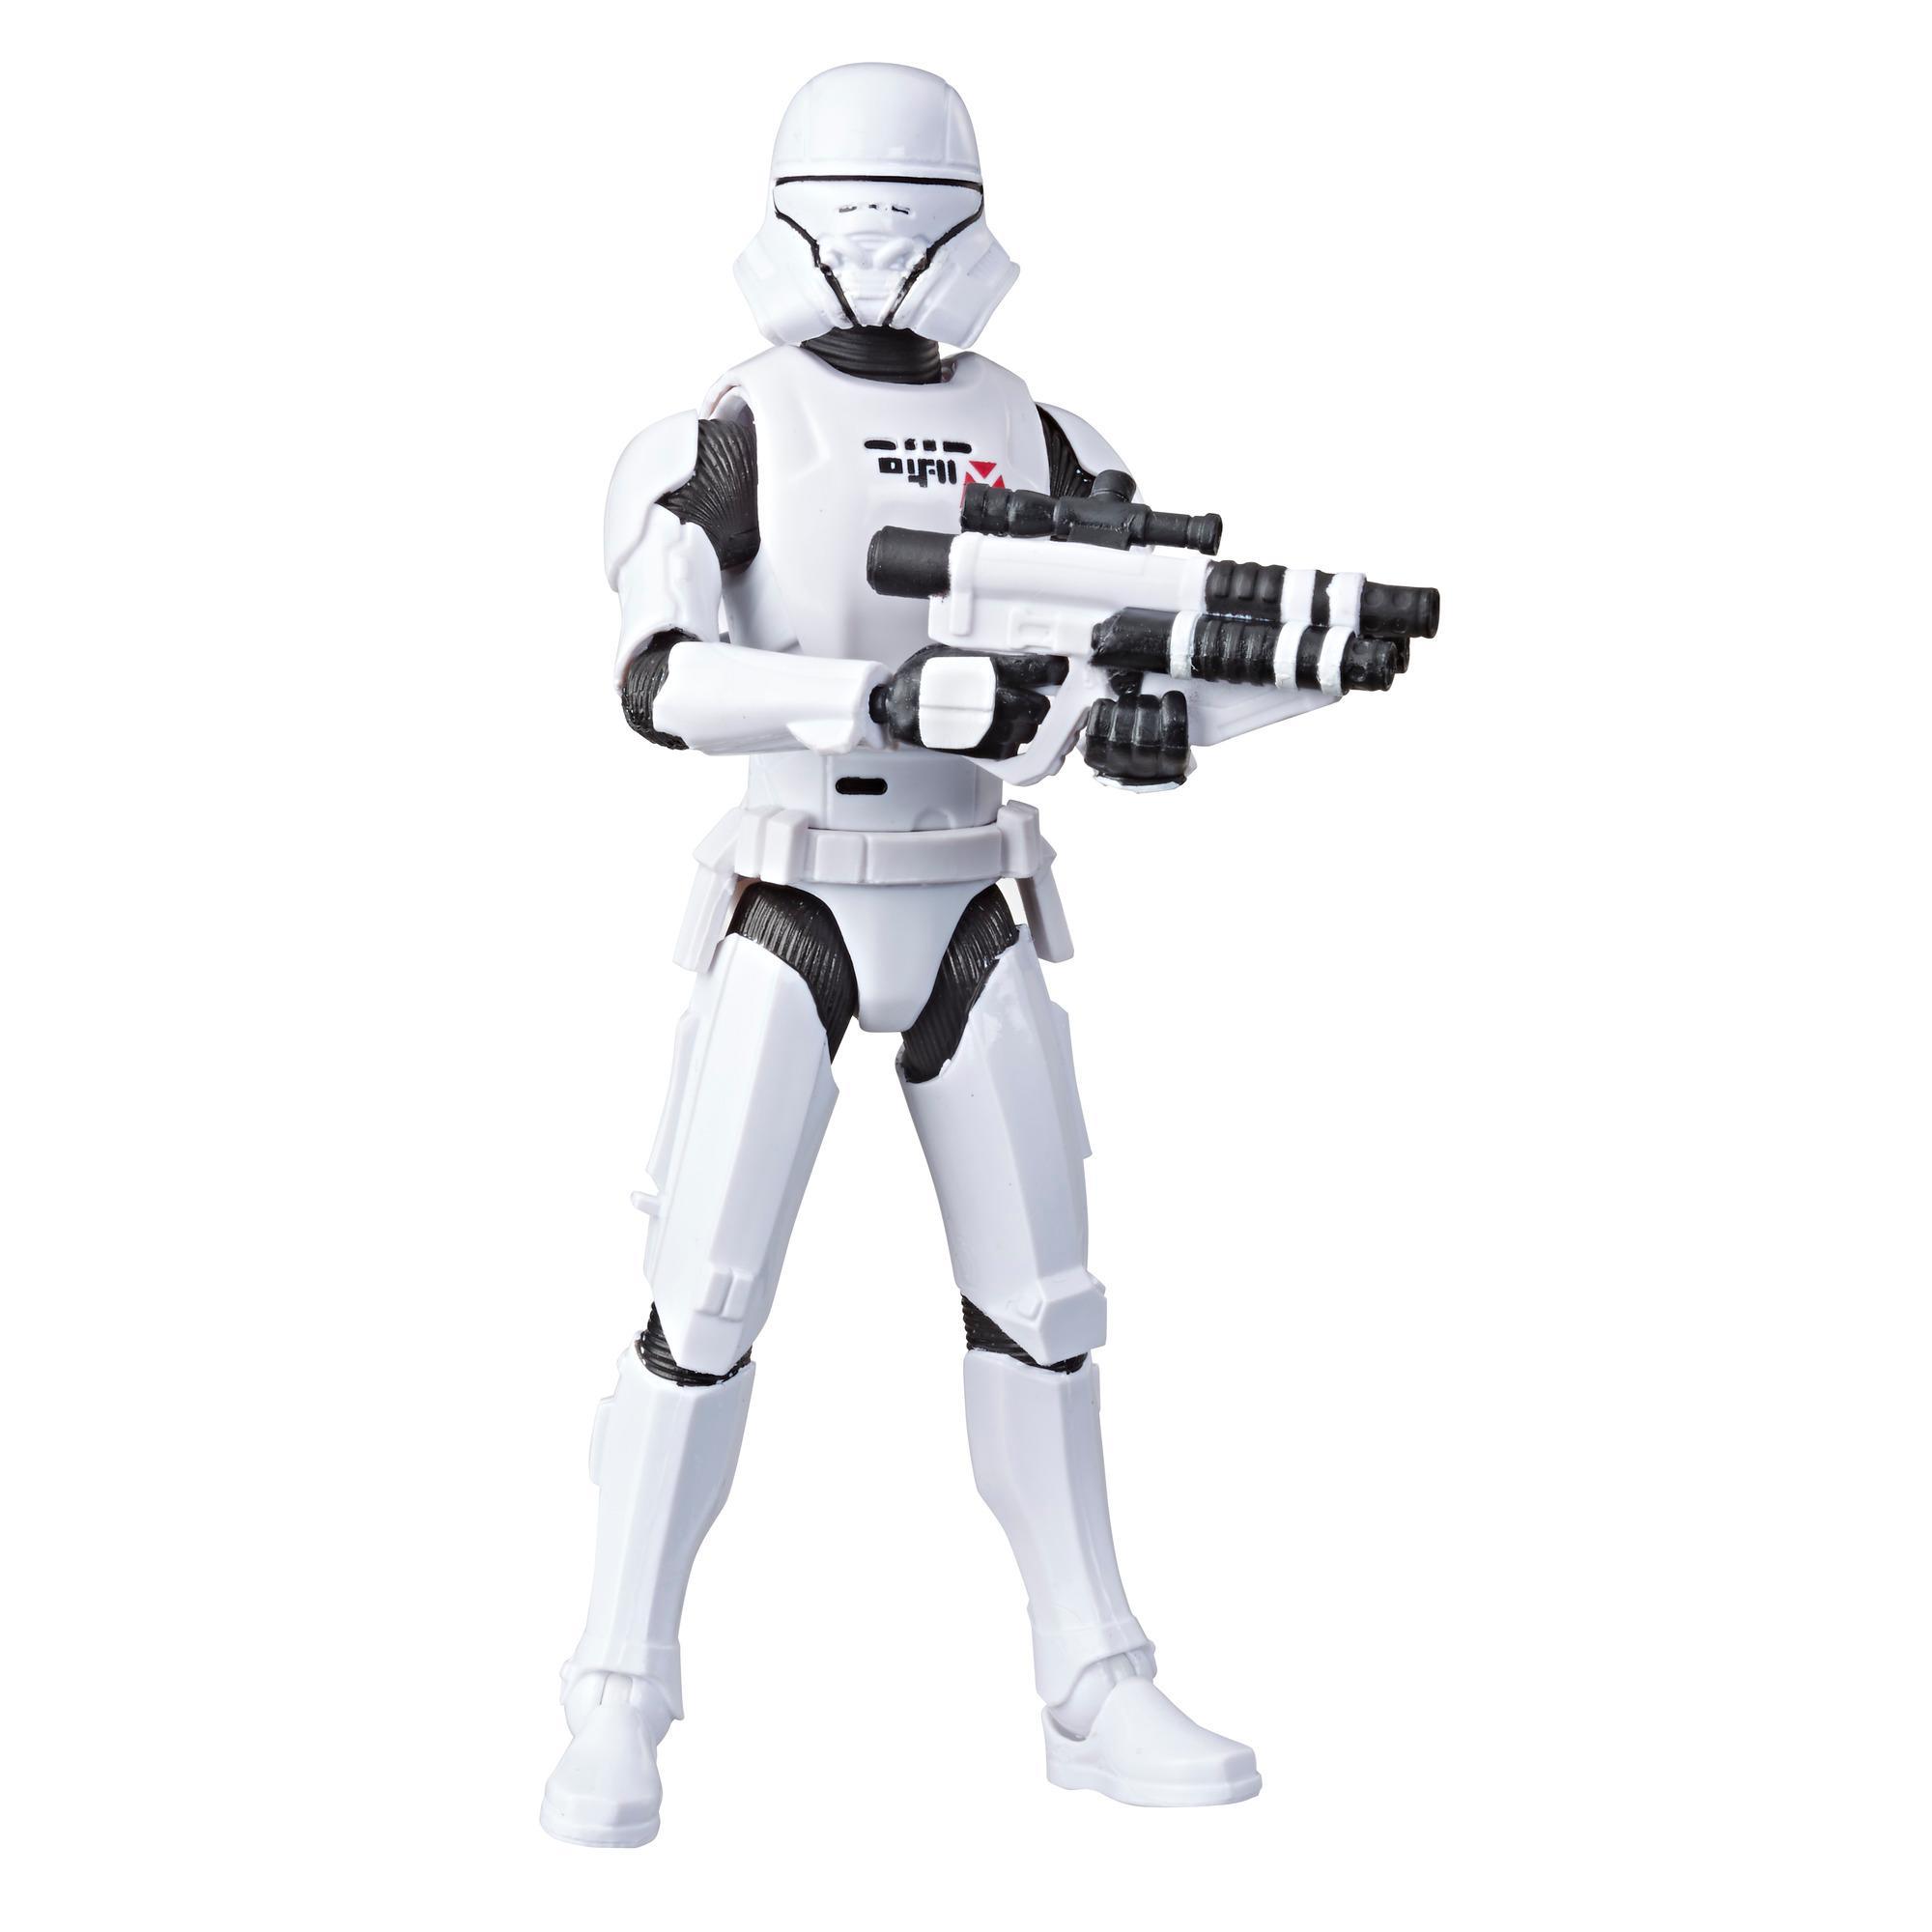 Star Wars Galaxy of Adventures - Star Wars: The Rise of Skywalker - Figura de acción de Jet Trooper de 12,5 cm con divertido movimiento de acción